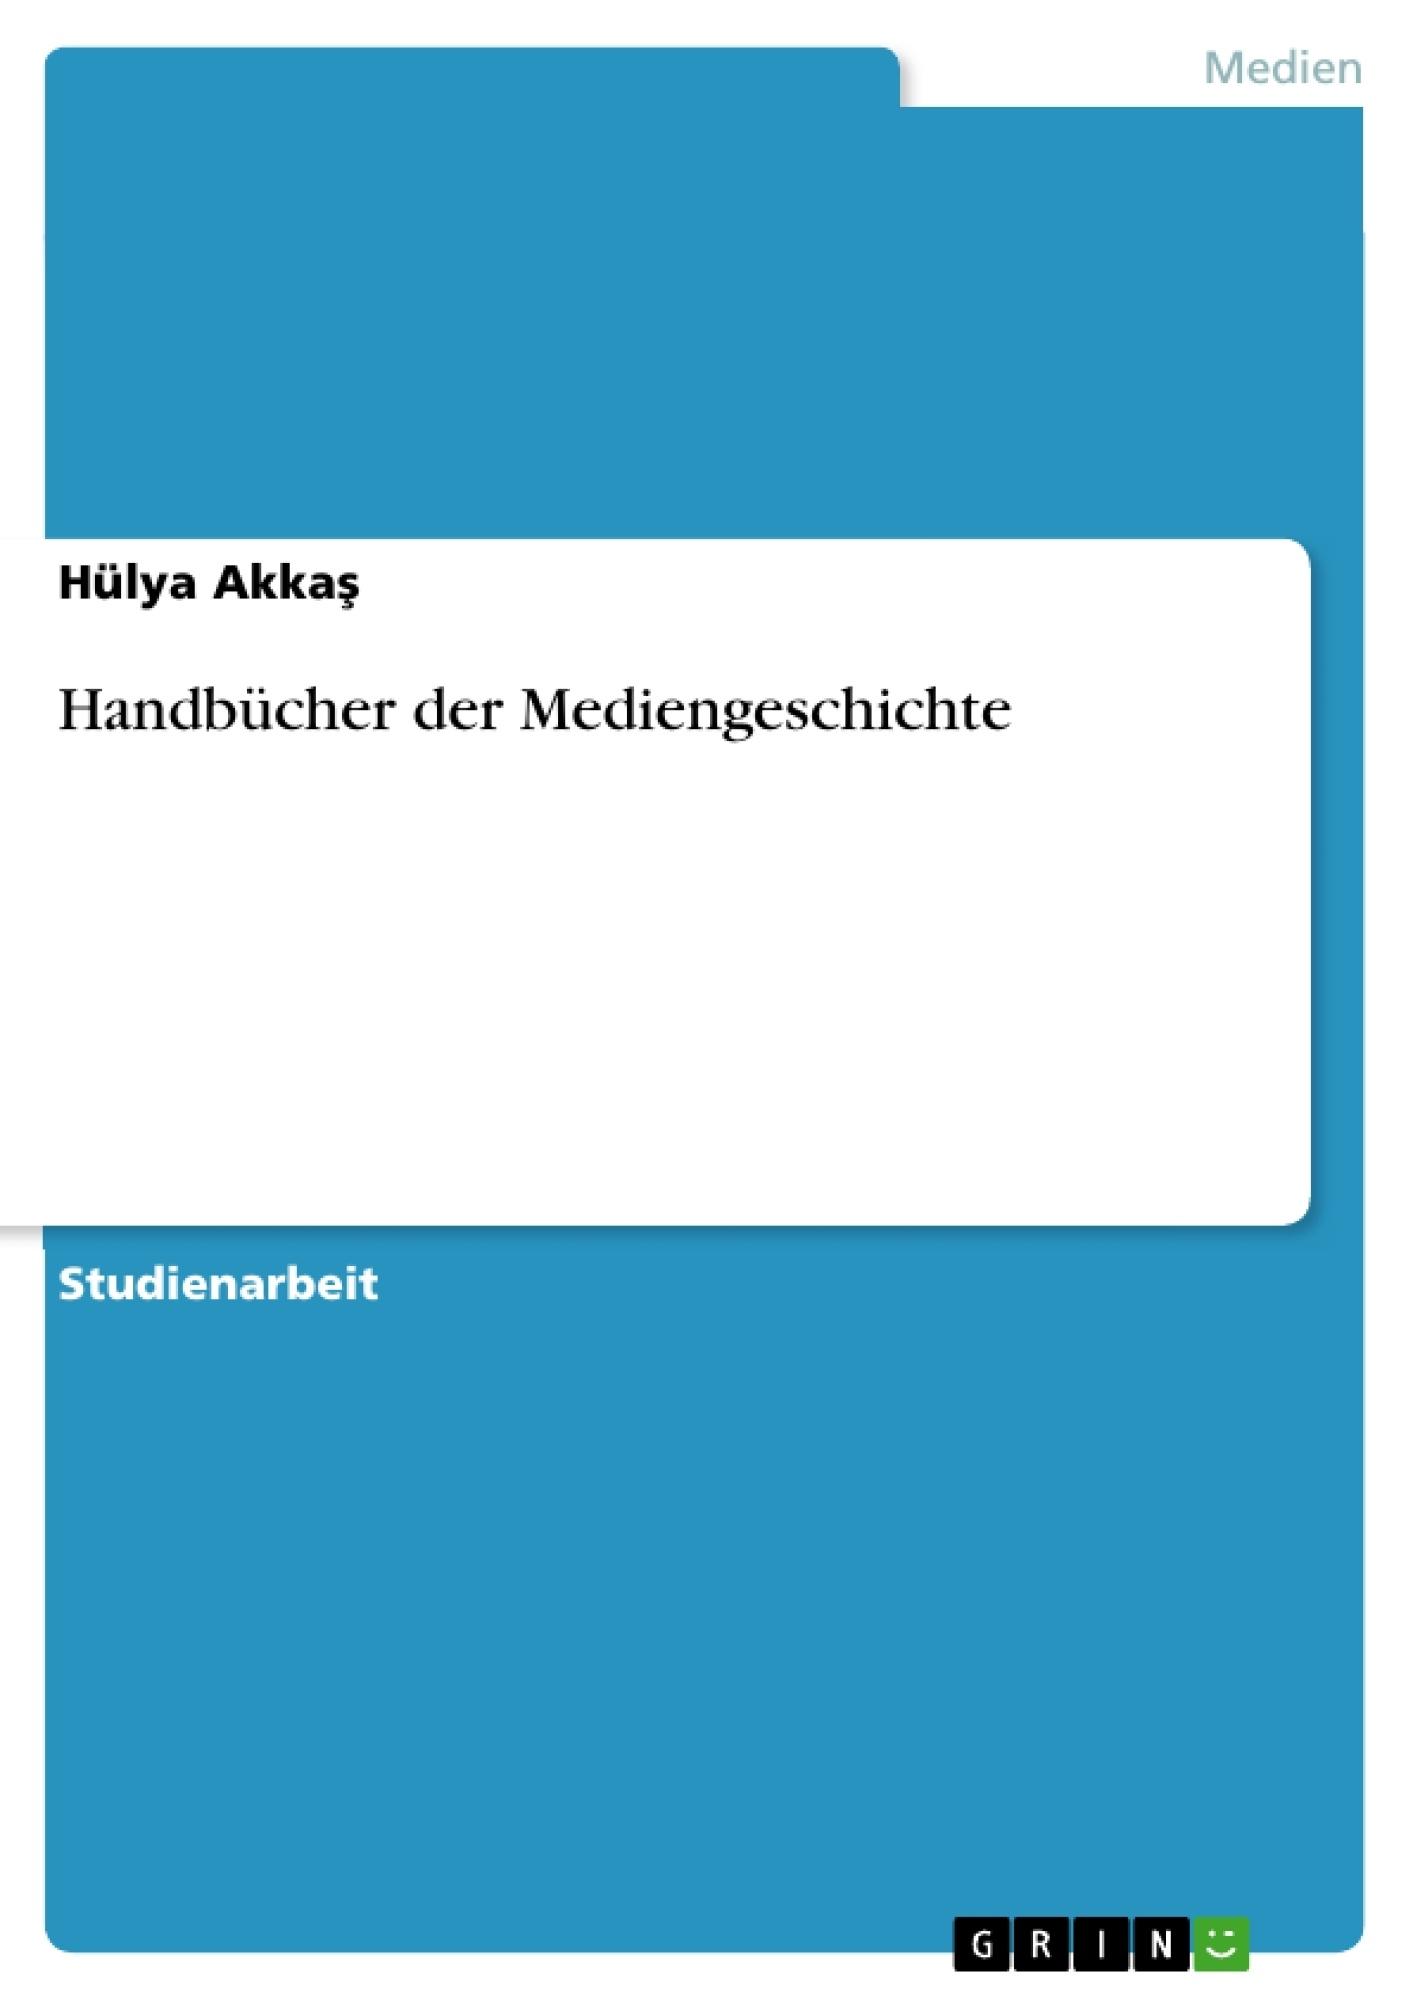 Titel: Handbücher der Mediengeschichte